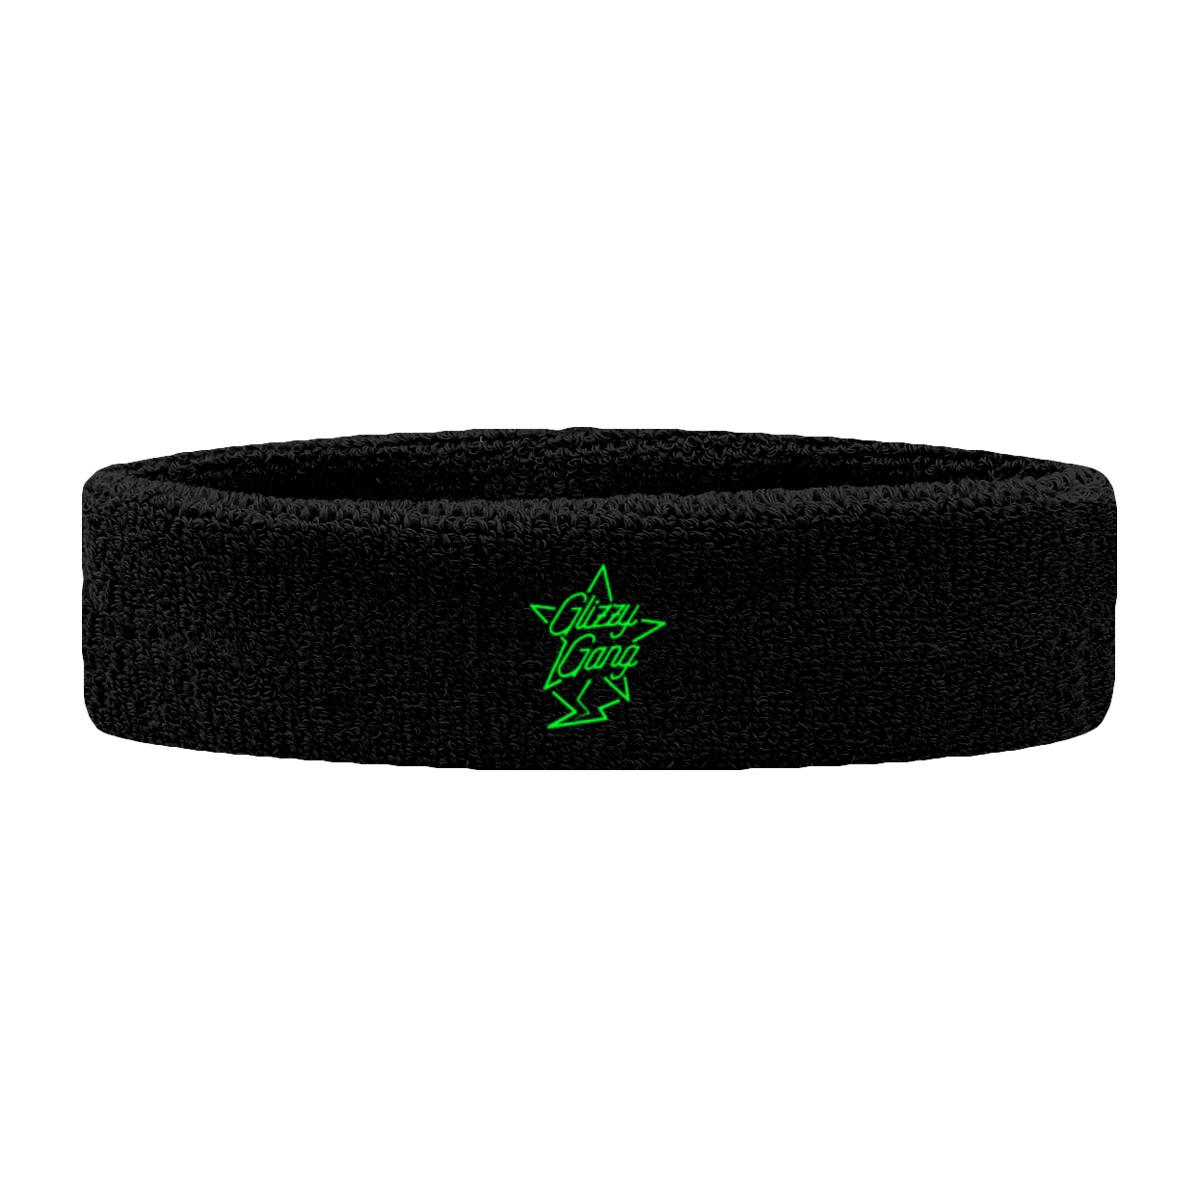 Glizzy Gang Headband